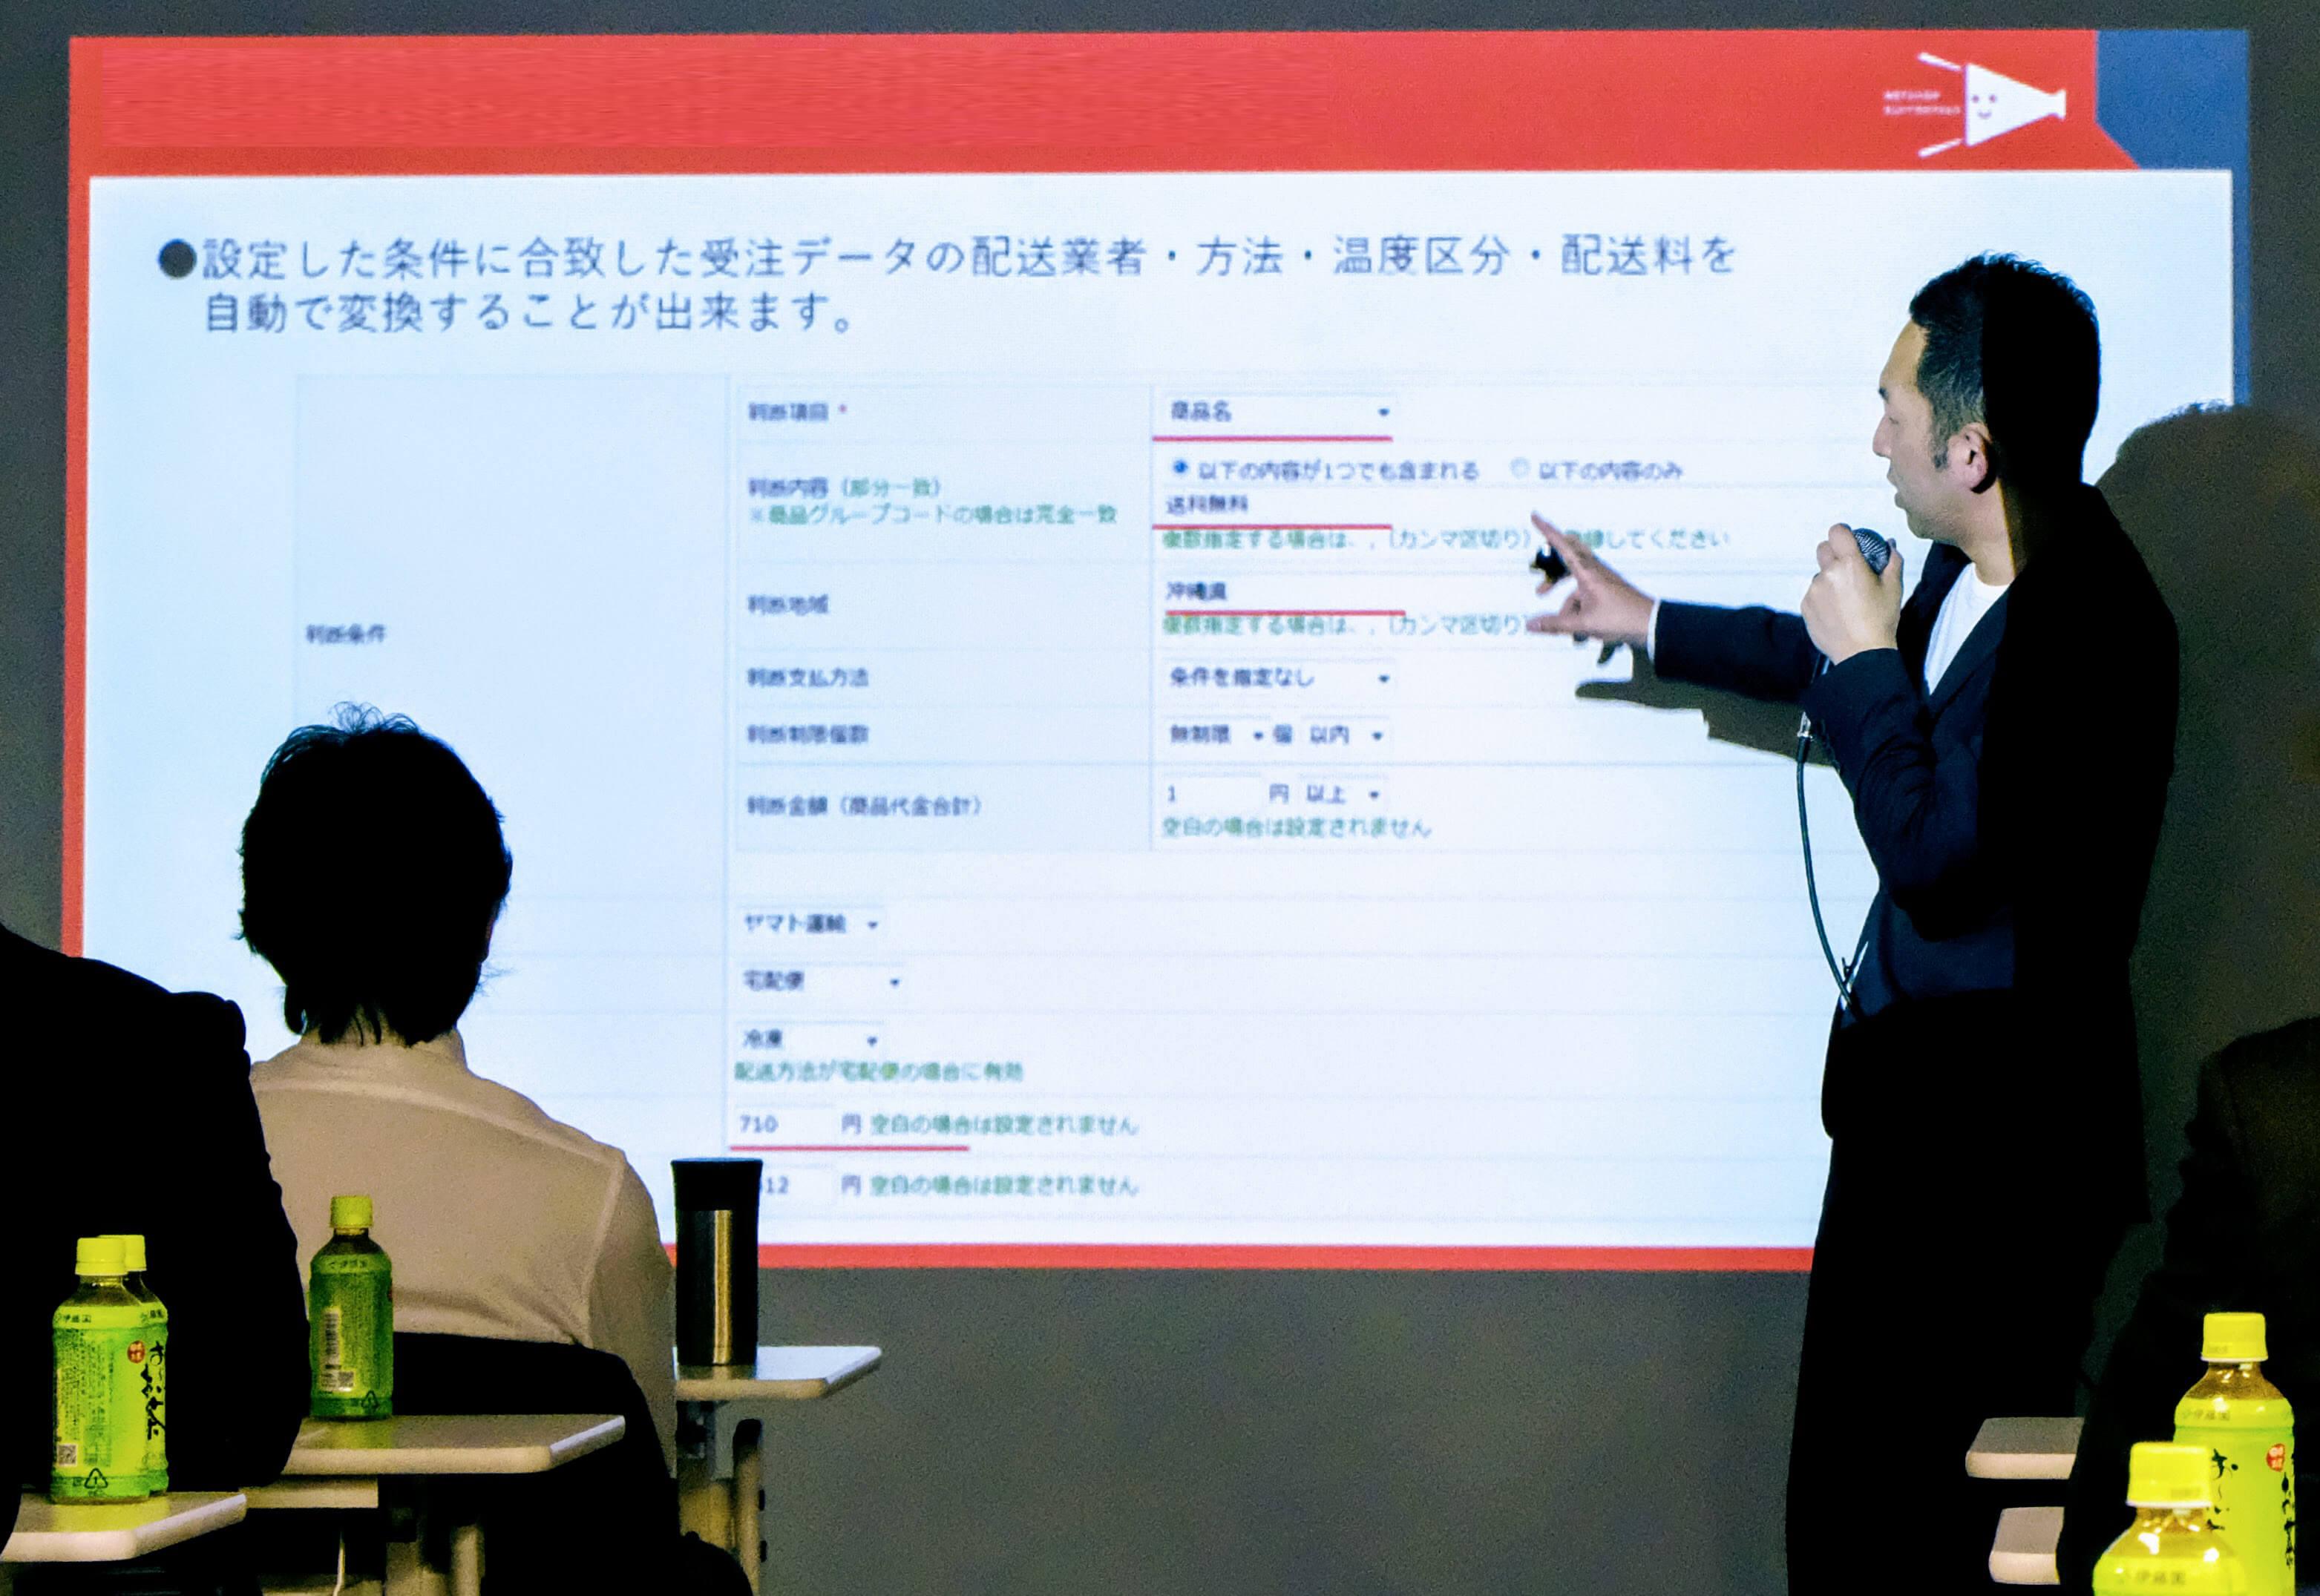 『専門コンサルタントが教える驚速マネジメント経営』の講義中の写真画像